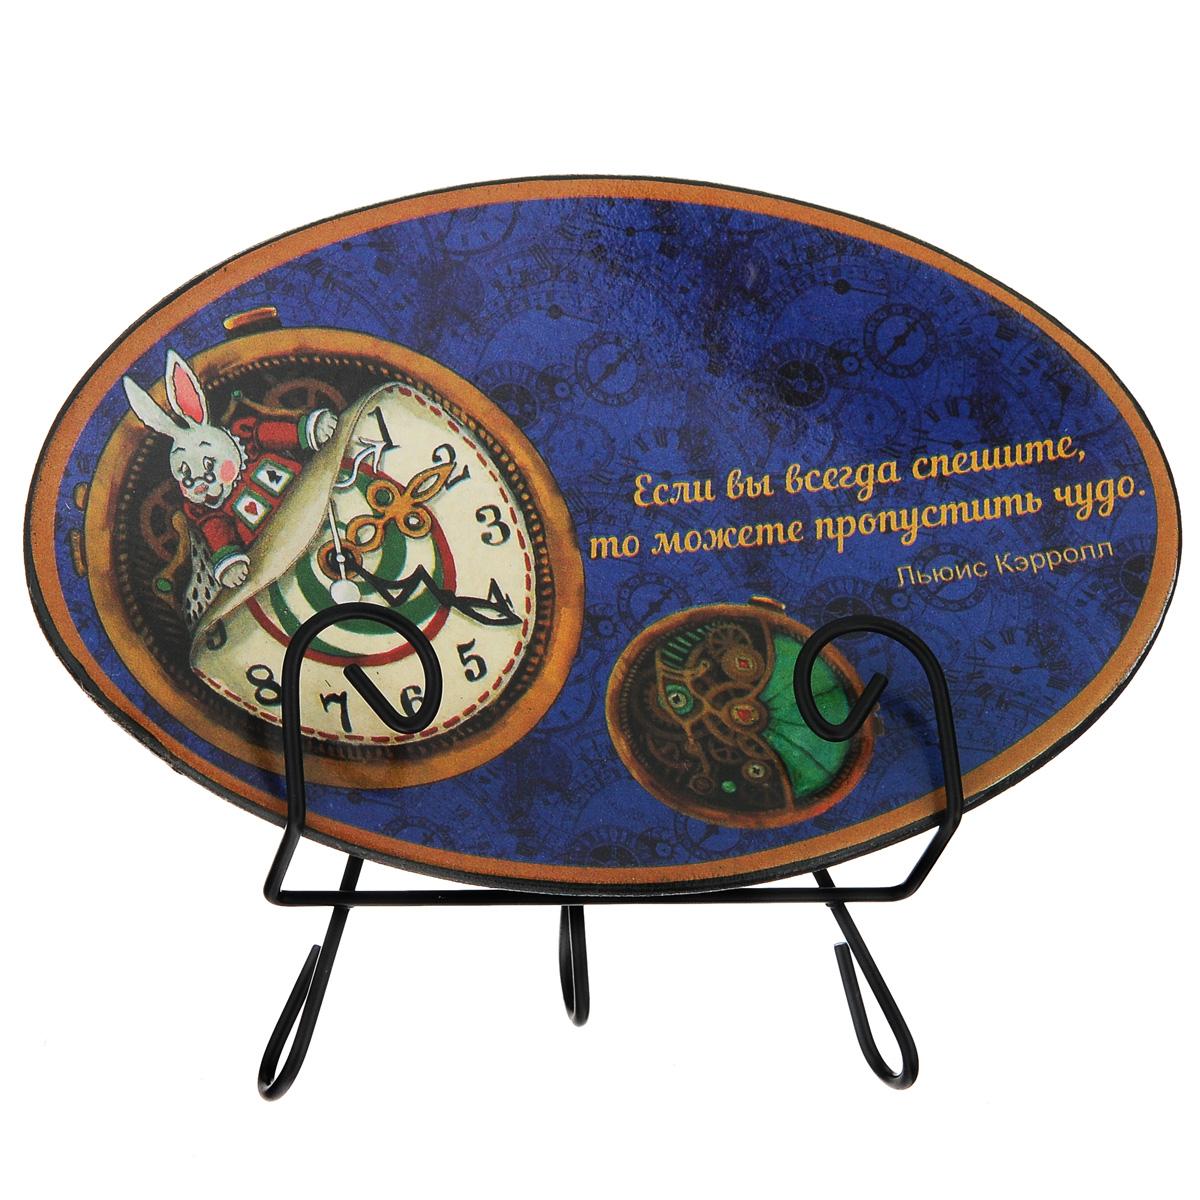 Тарелка декоративная Льюис Кэрролл, на подставке, 15 х 10 см36248Декоративная тарелка на подставке станет прекрасным дополнением к декору практически любого помещения, будь то кухня, столовая, гостиная, холл или рабочий кабинет. Тарелка выполнена из доломитовой керамики, подставка в виде треноги,благодаря которой сувенир удобно и быстро располагается на любой горизонтальной поверхности, - из черного металла. Поверхность декорирована изображениям часов и Белого Кролика, а также цитатой из знаменитого произведения Льюиса Кэрролла: Если вы всегда спешите, то можете пропустить чудо. Очаровательная декоративная тарелка - замечательный подарок друзьям и близким людям. Размер тарелки (без подставки): 15,2 см х 10 см х 1,5 см. Размер сувенира с подставкой: 15,2 см х 8 см х 12 см.